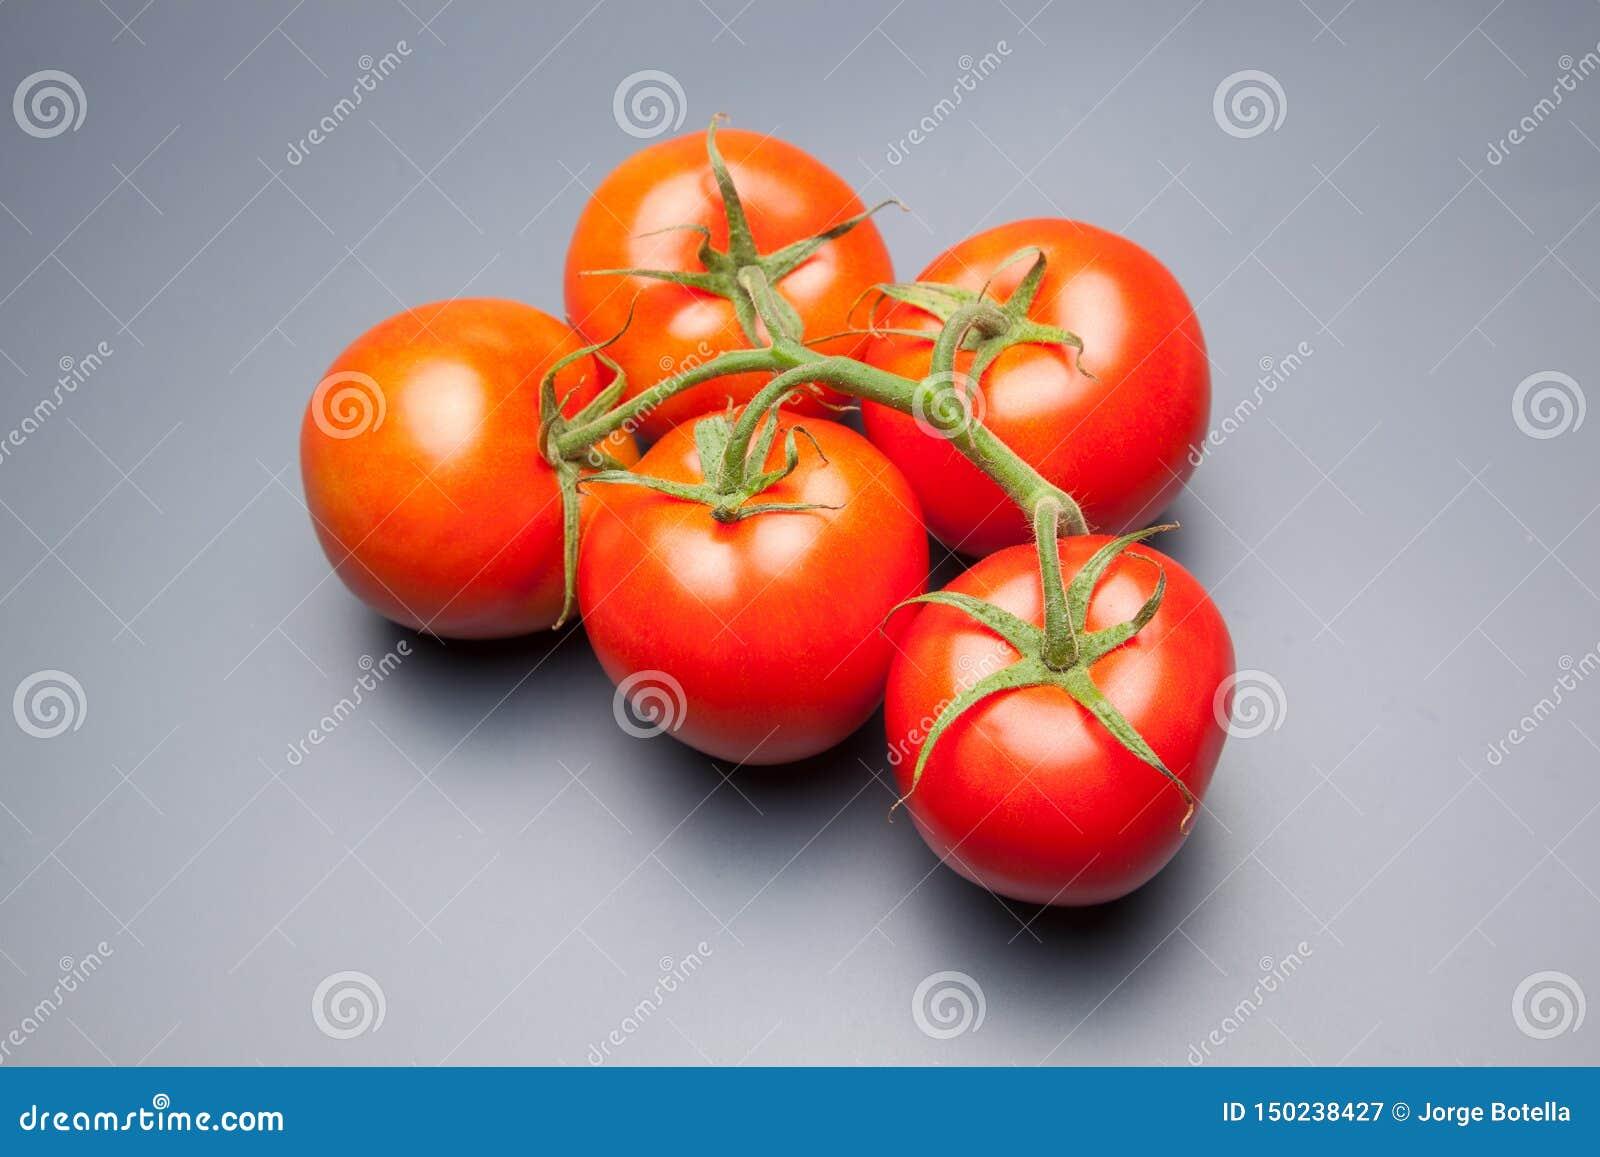 Rode tomaat, met dalingen van water dat versheid en gezondheid aanduidt